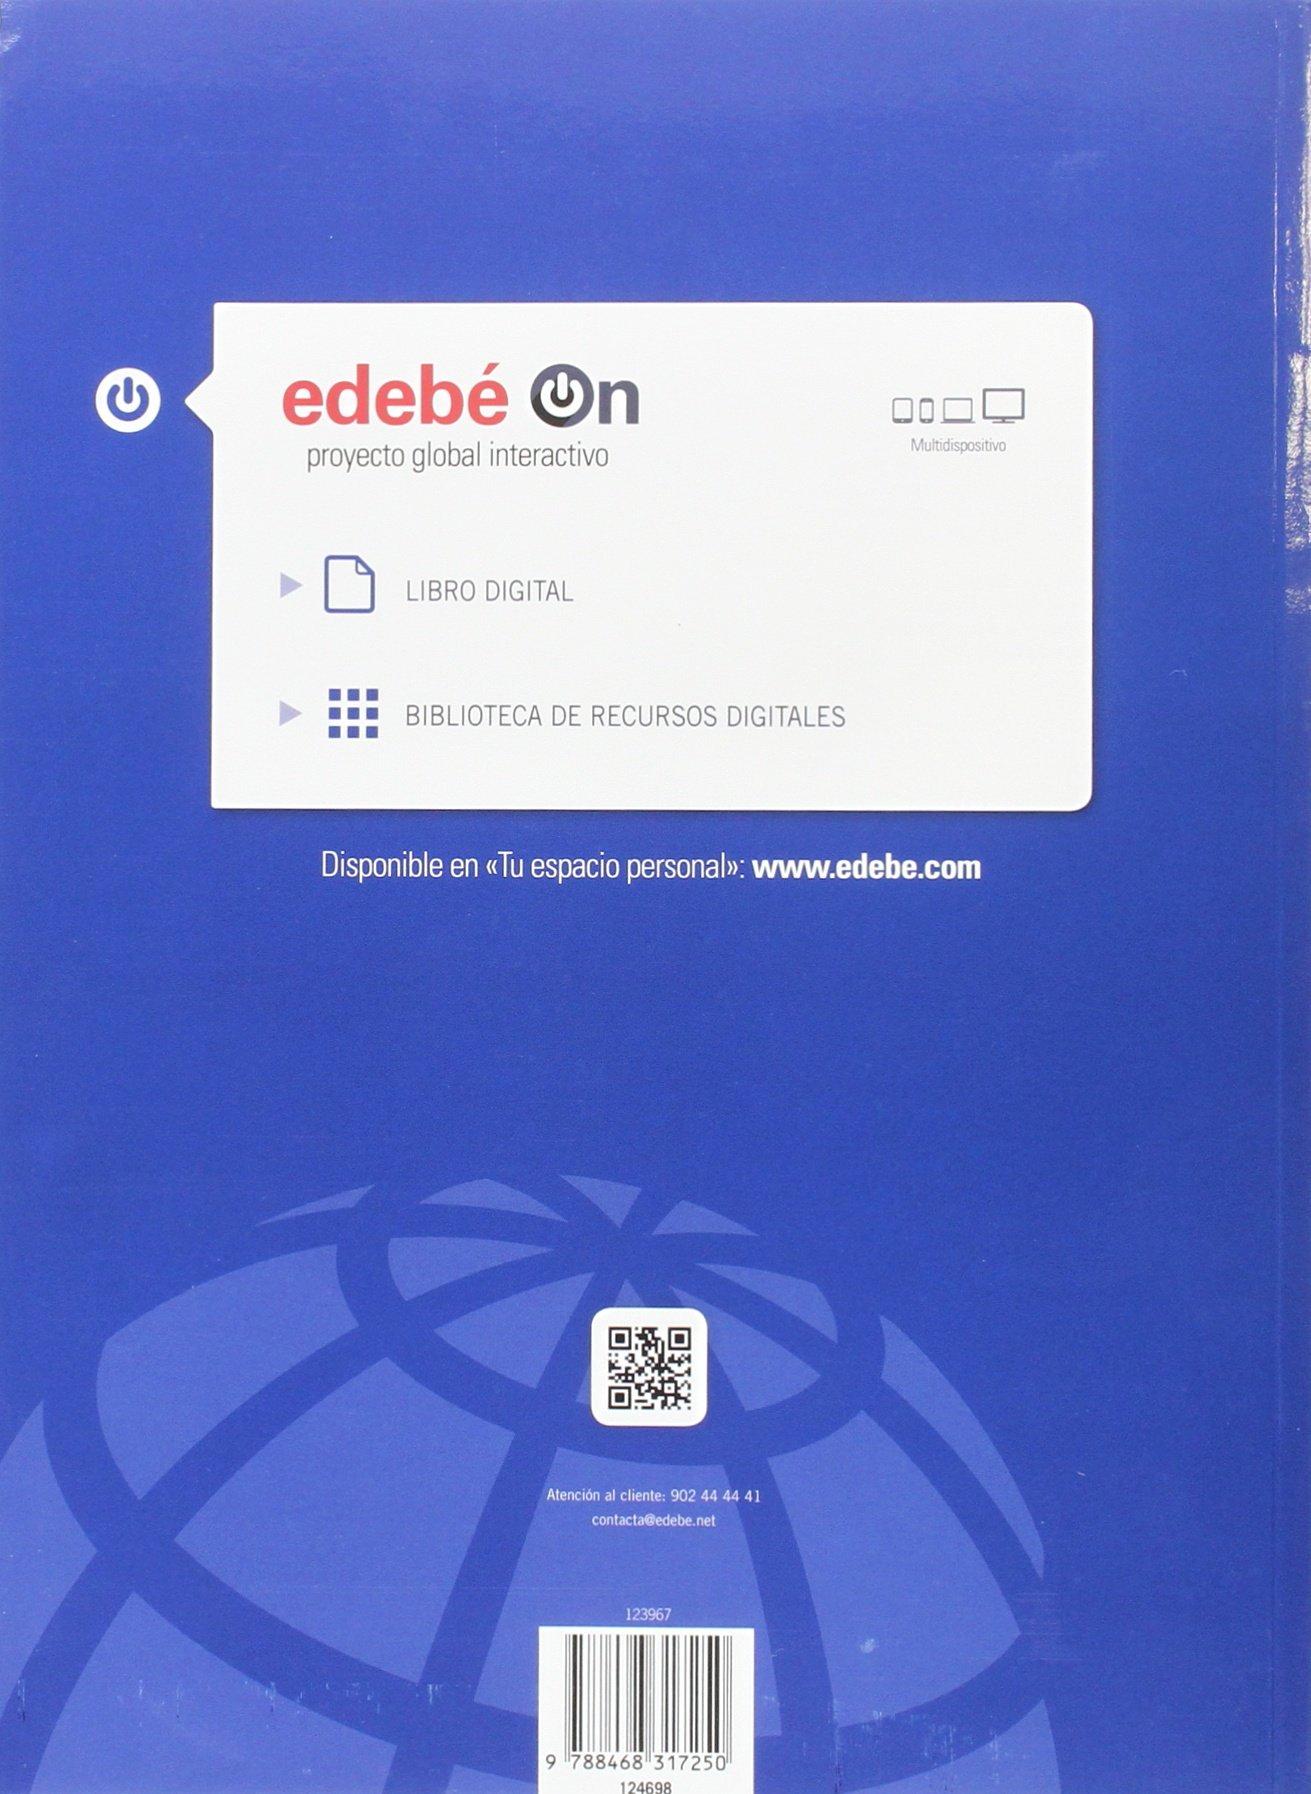 DIBUJO TECNICO TX2 (CAS) - 9788468317250: Amazon.es: Edebé, Obra Colectiva: Libros